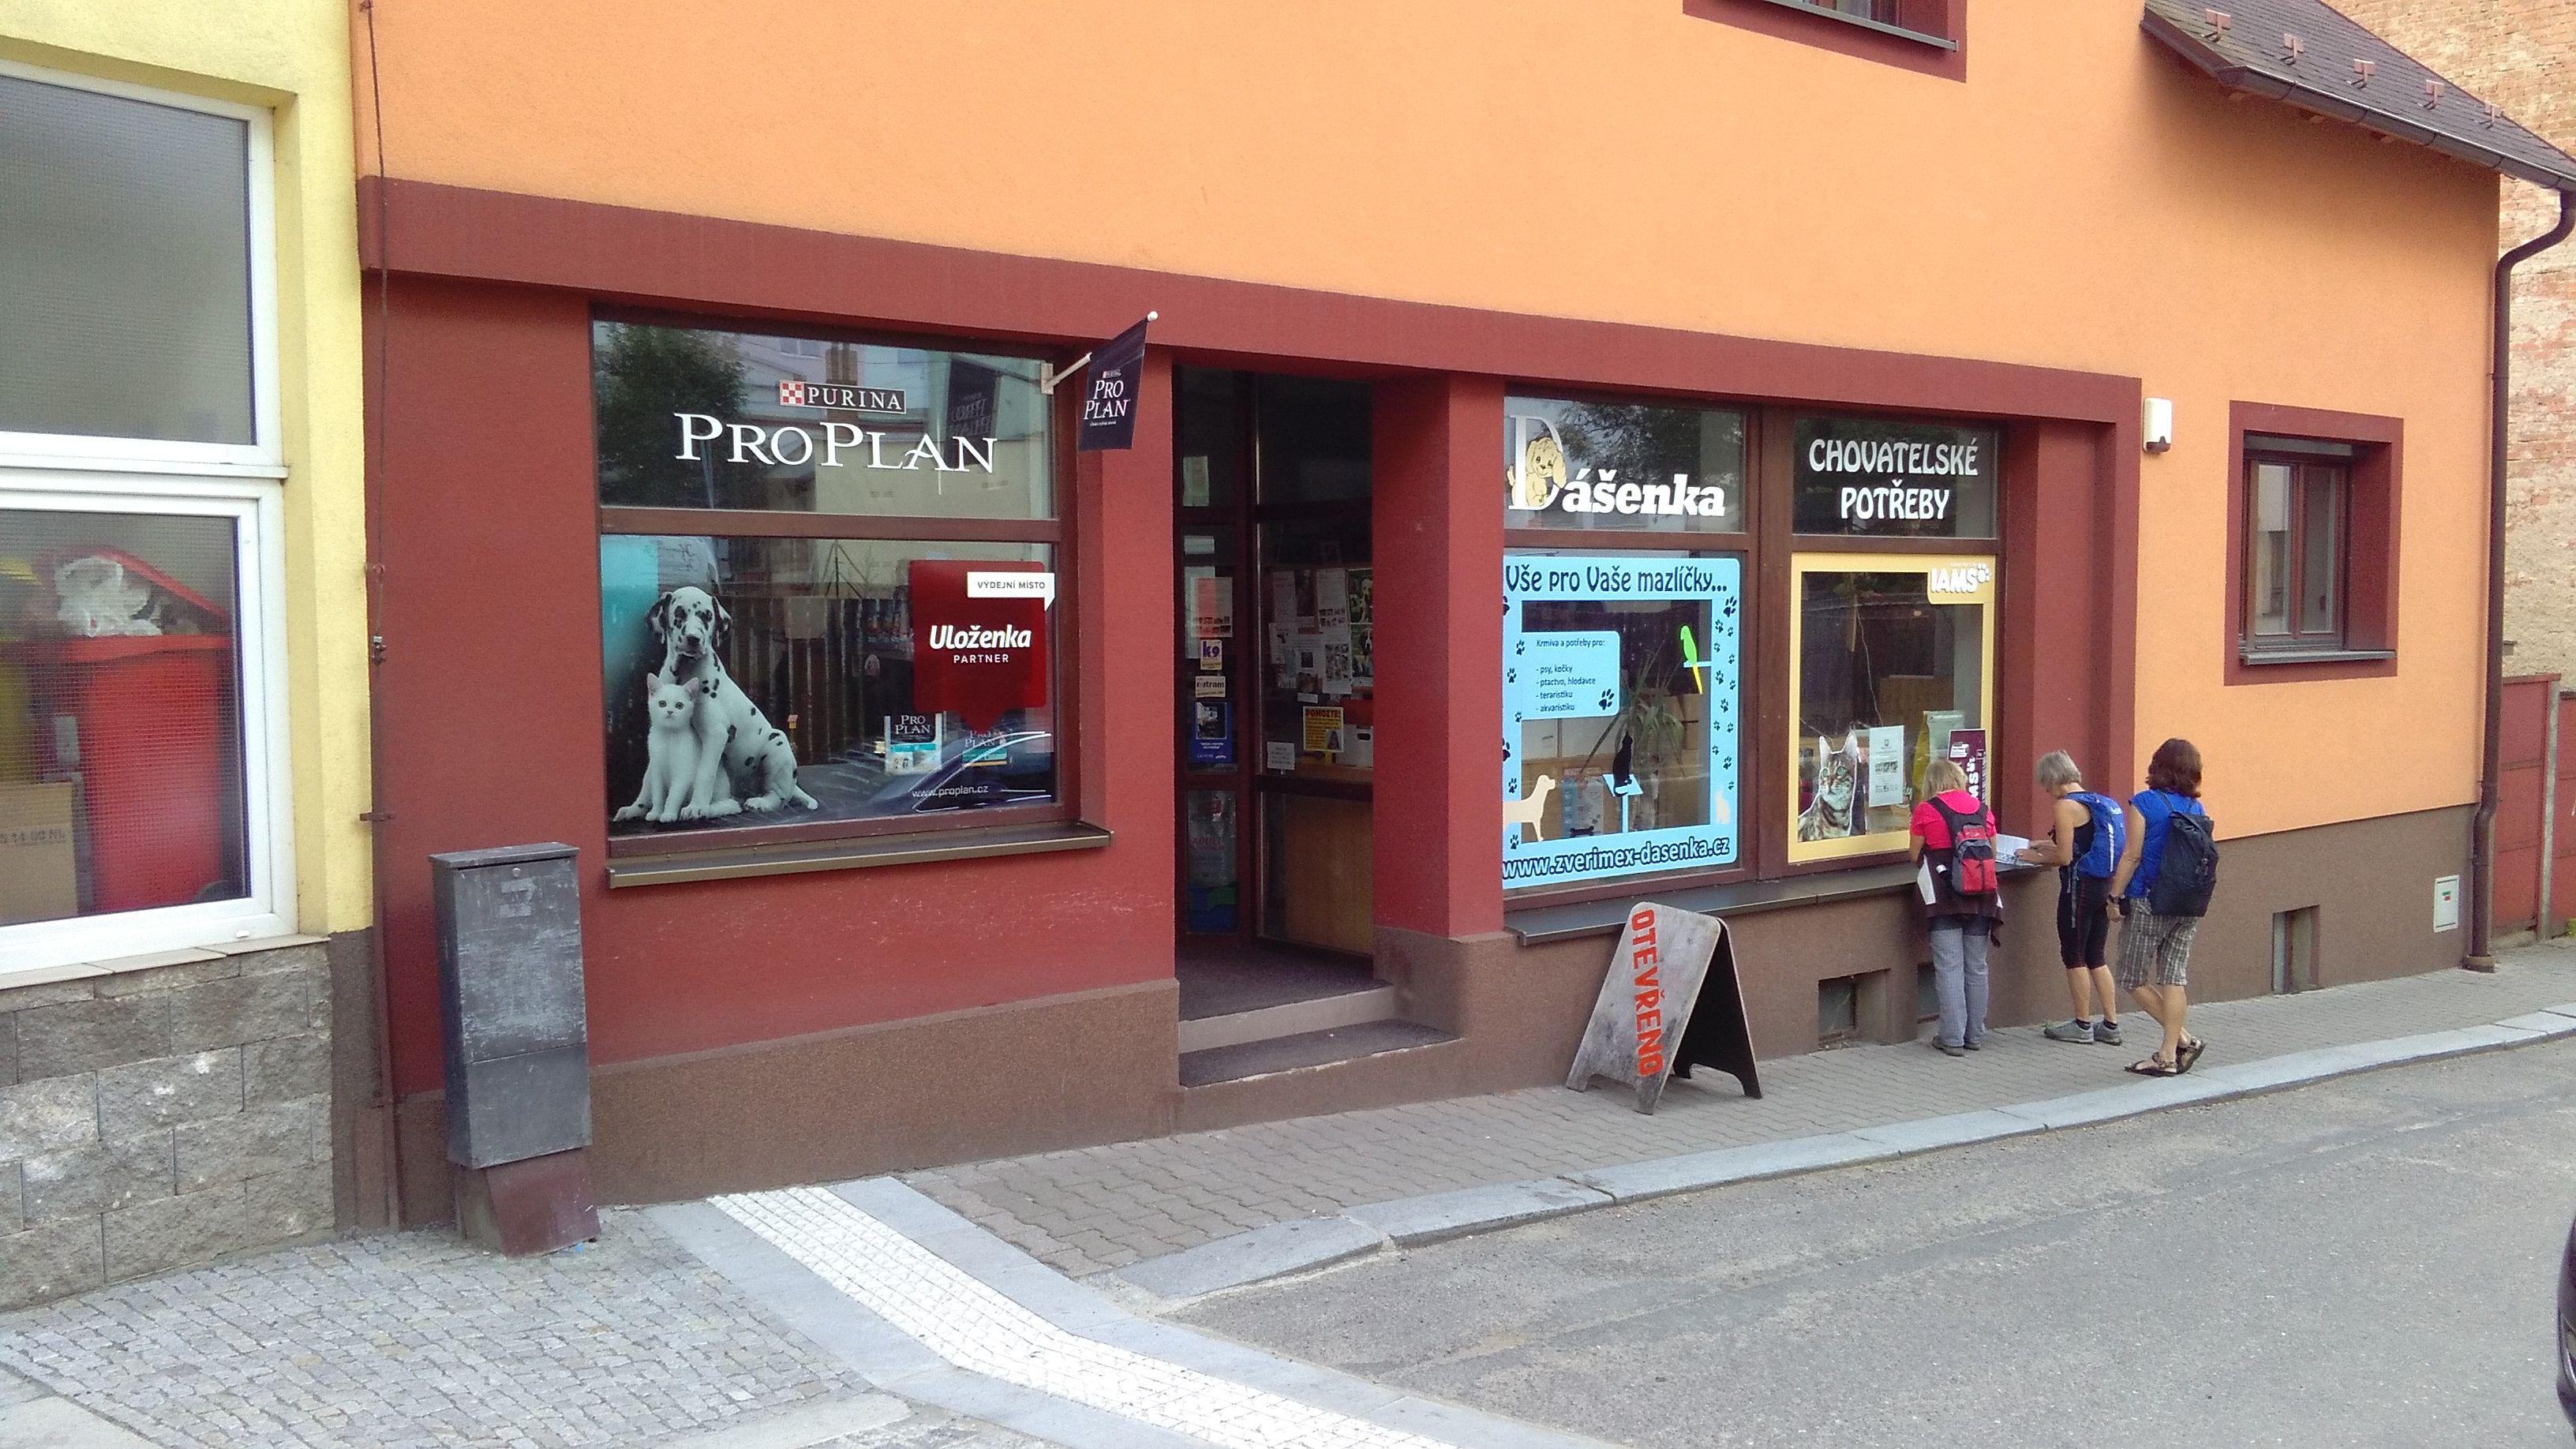 Pobočka Ústí nad Orlicí, Příkopy 126, (Dášenka chovatelské potřeby)